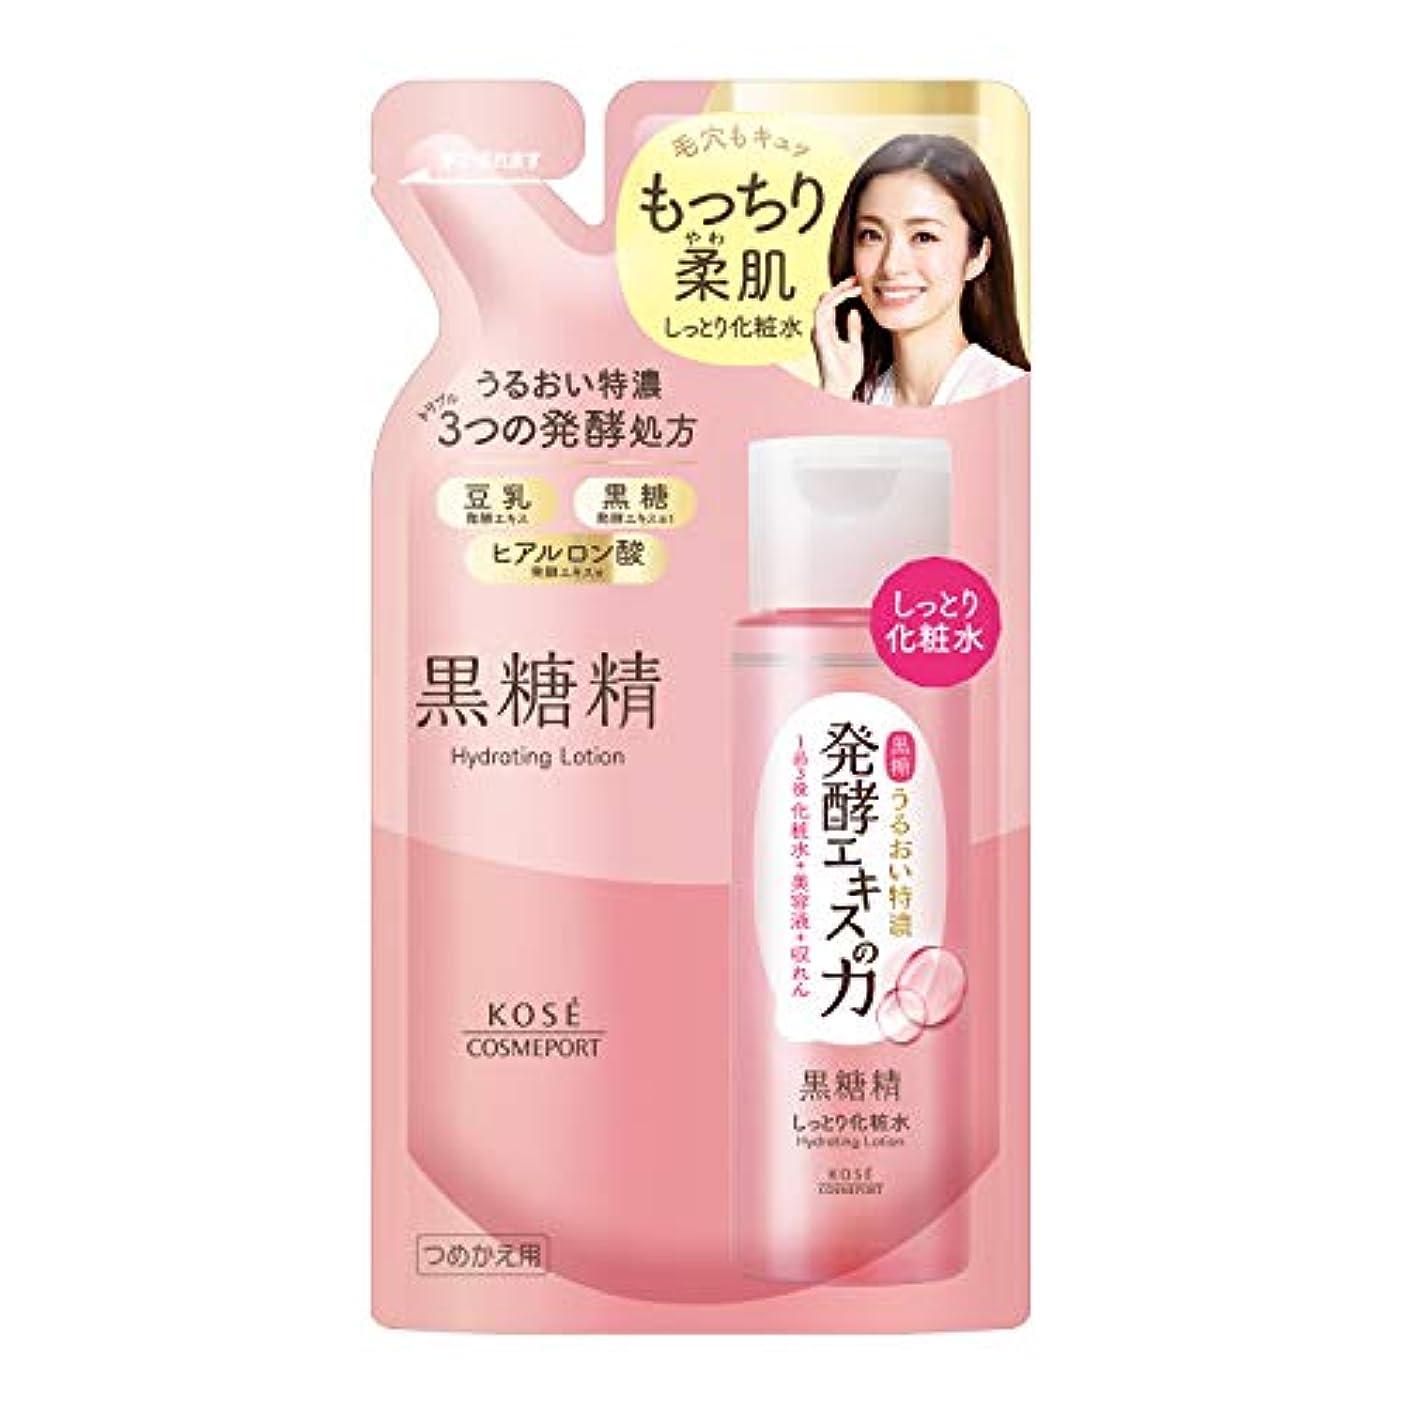 イブ防止ネブKOSE 黒糖精 しっとり 化粧水 つめかえ 160mL